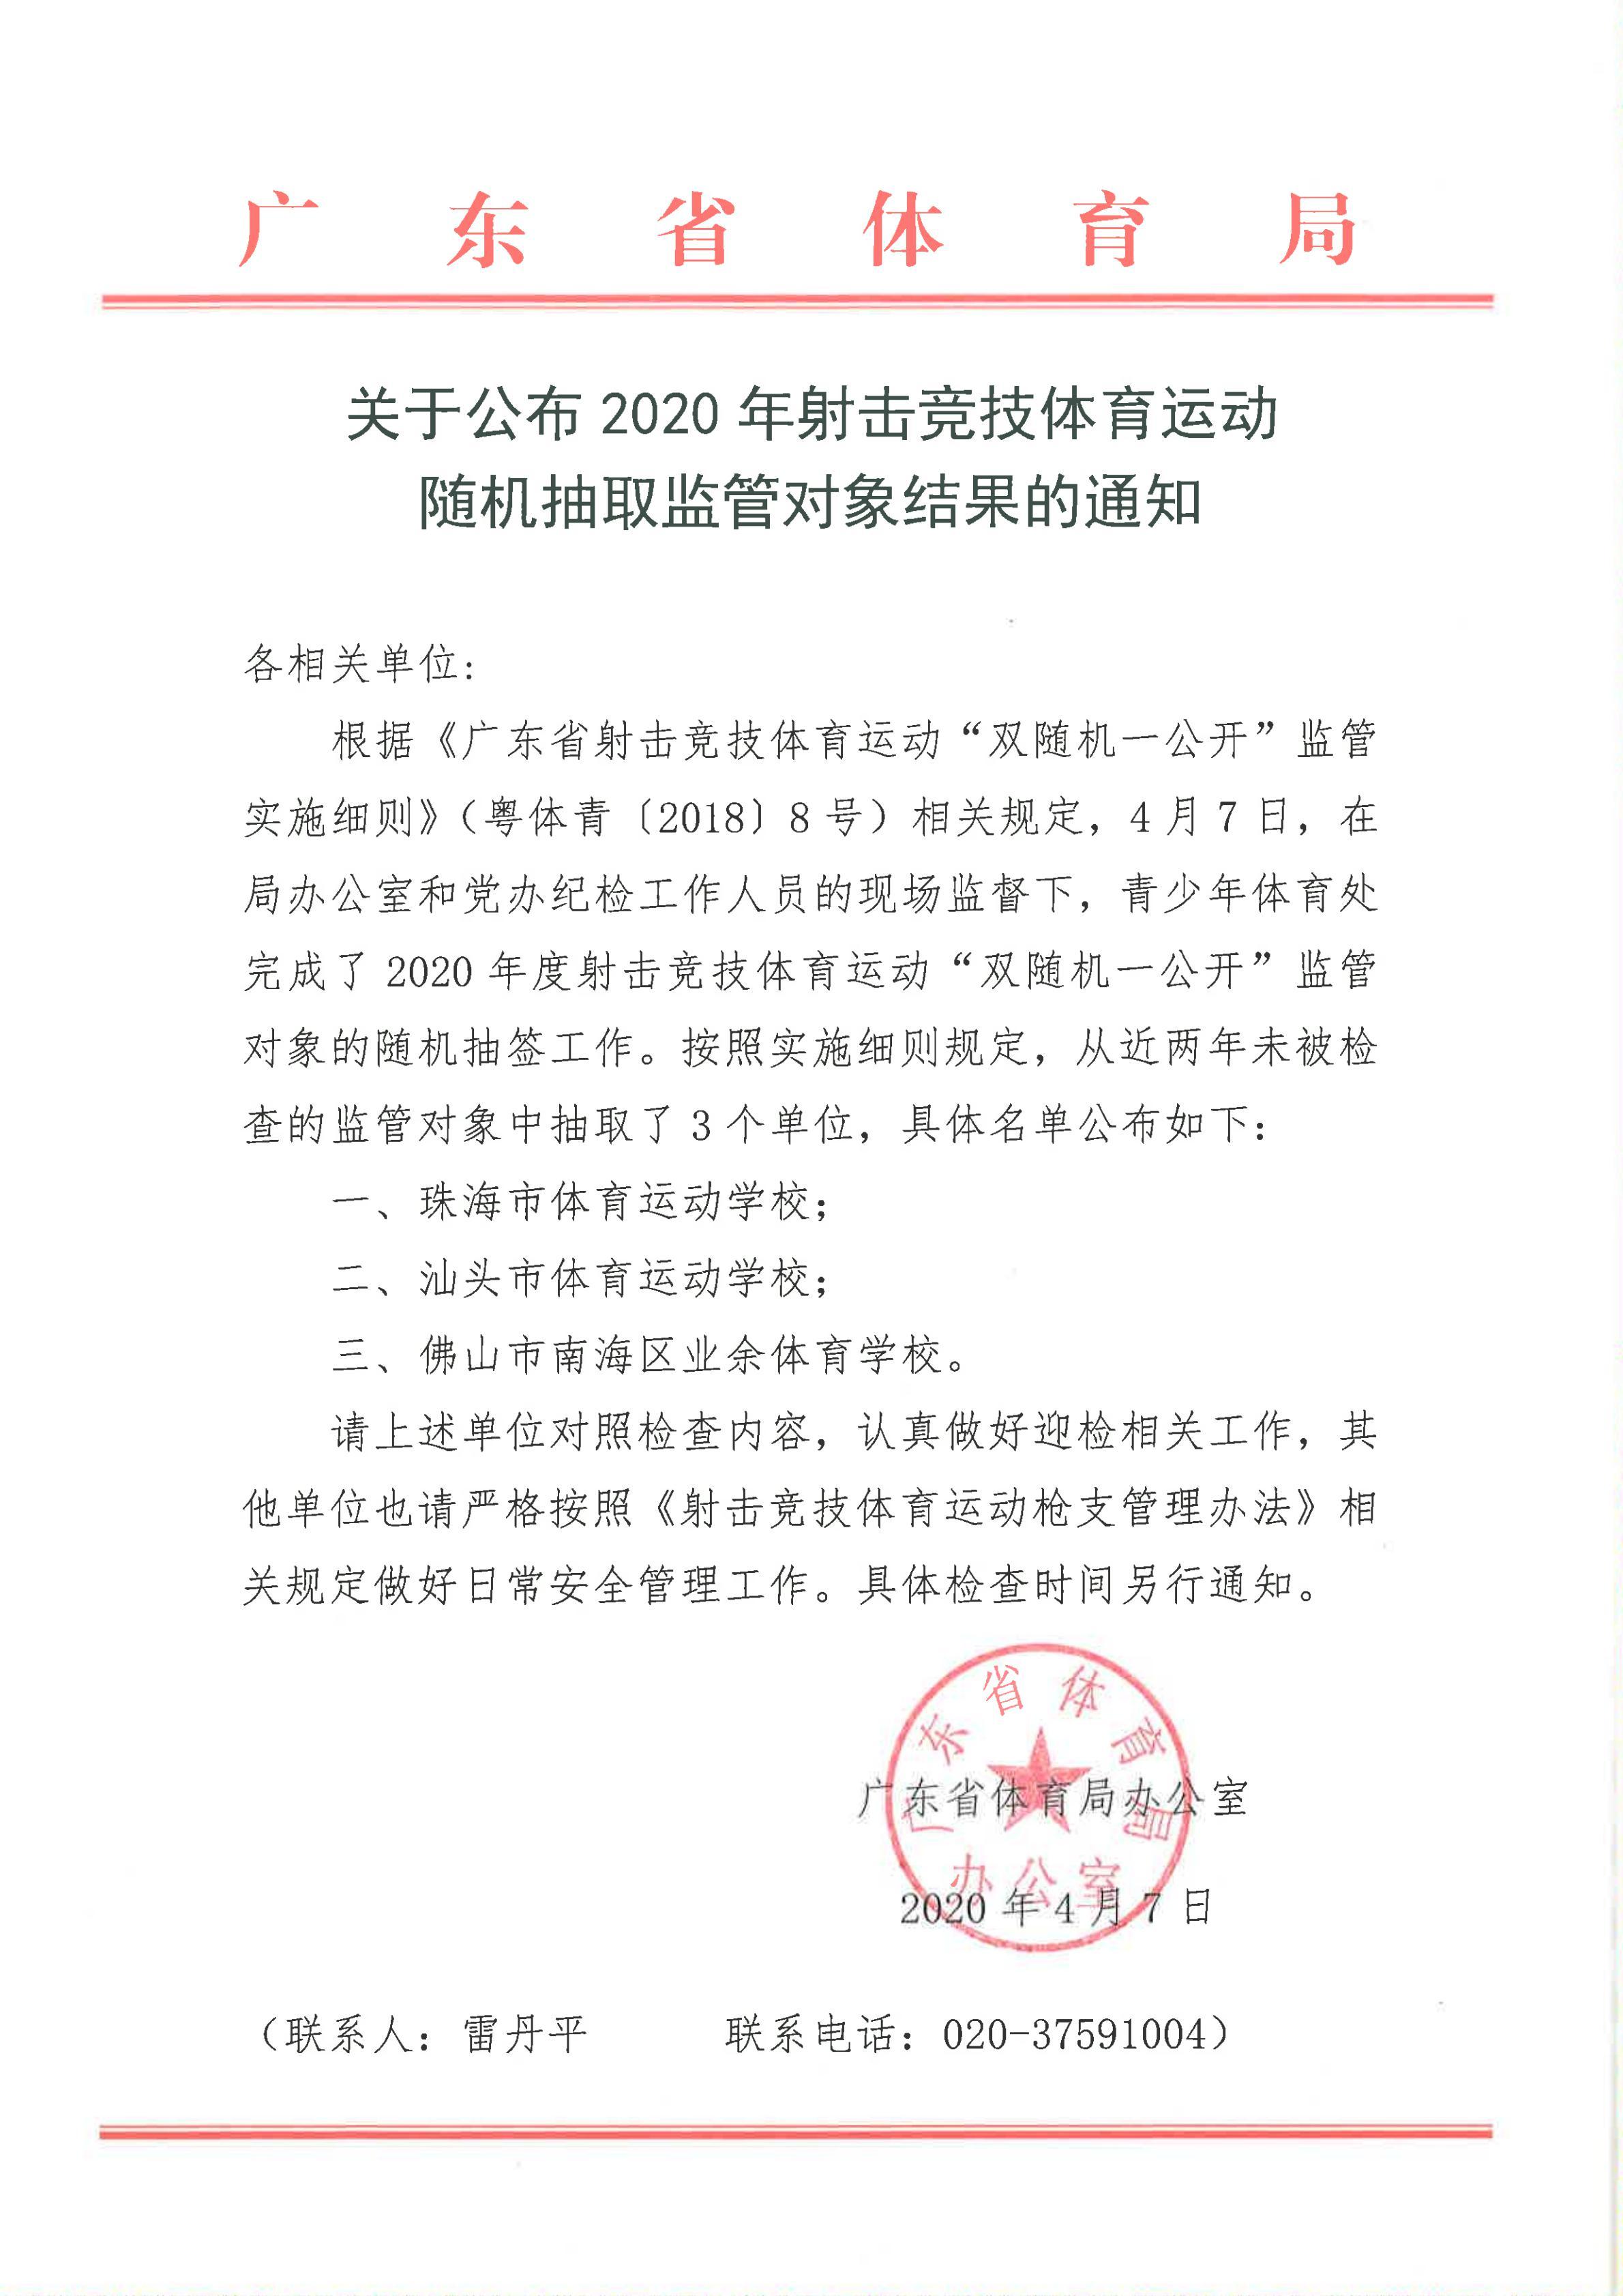 关于公布2020年射击竞技体育运动随机抽取监管对象结果的通知_00.jpg